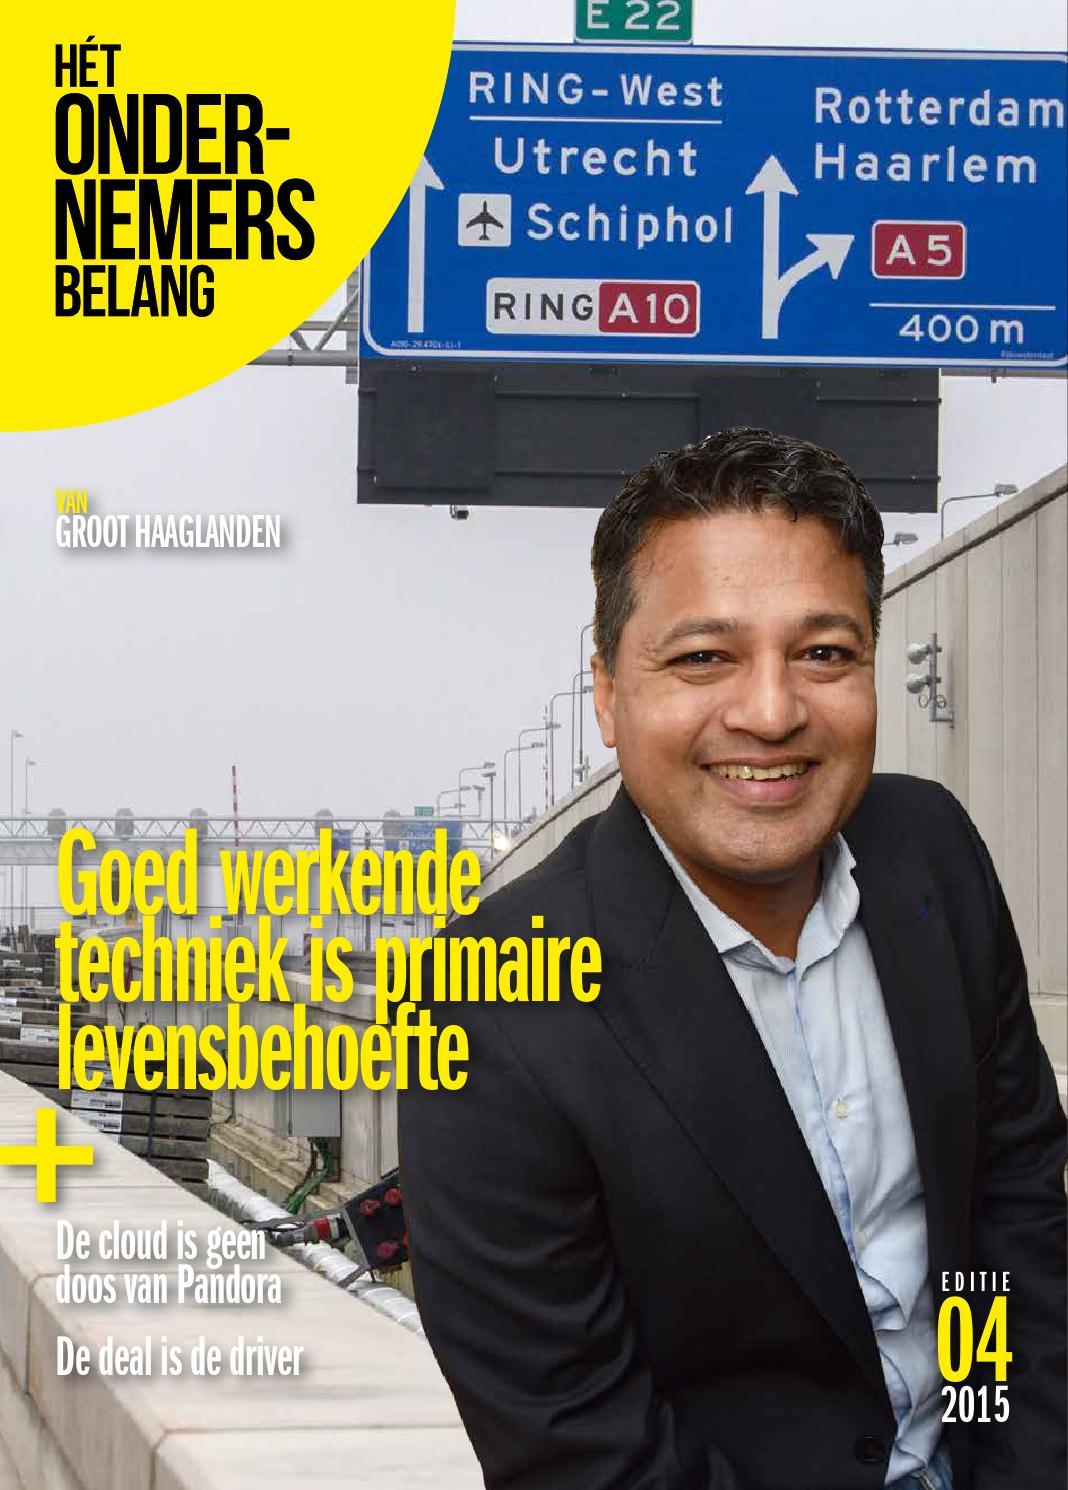 Het Ondernemersbelang Flevoland 4-2015 by Uitgeverij Novema - issuu